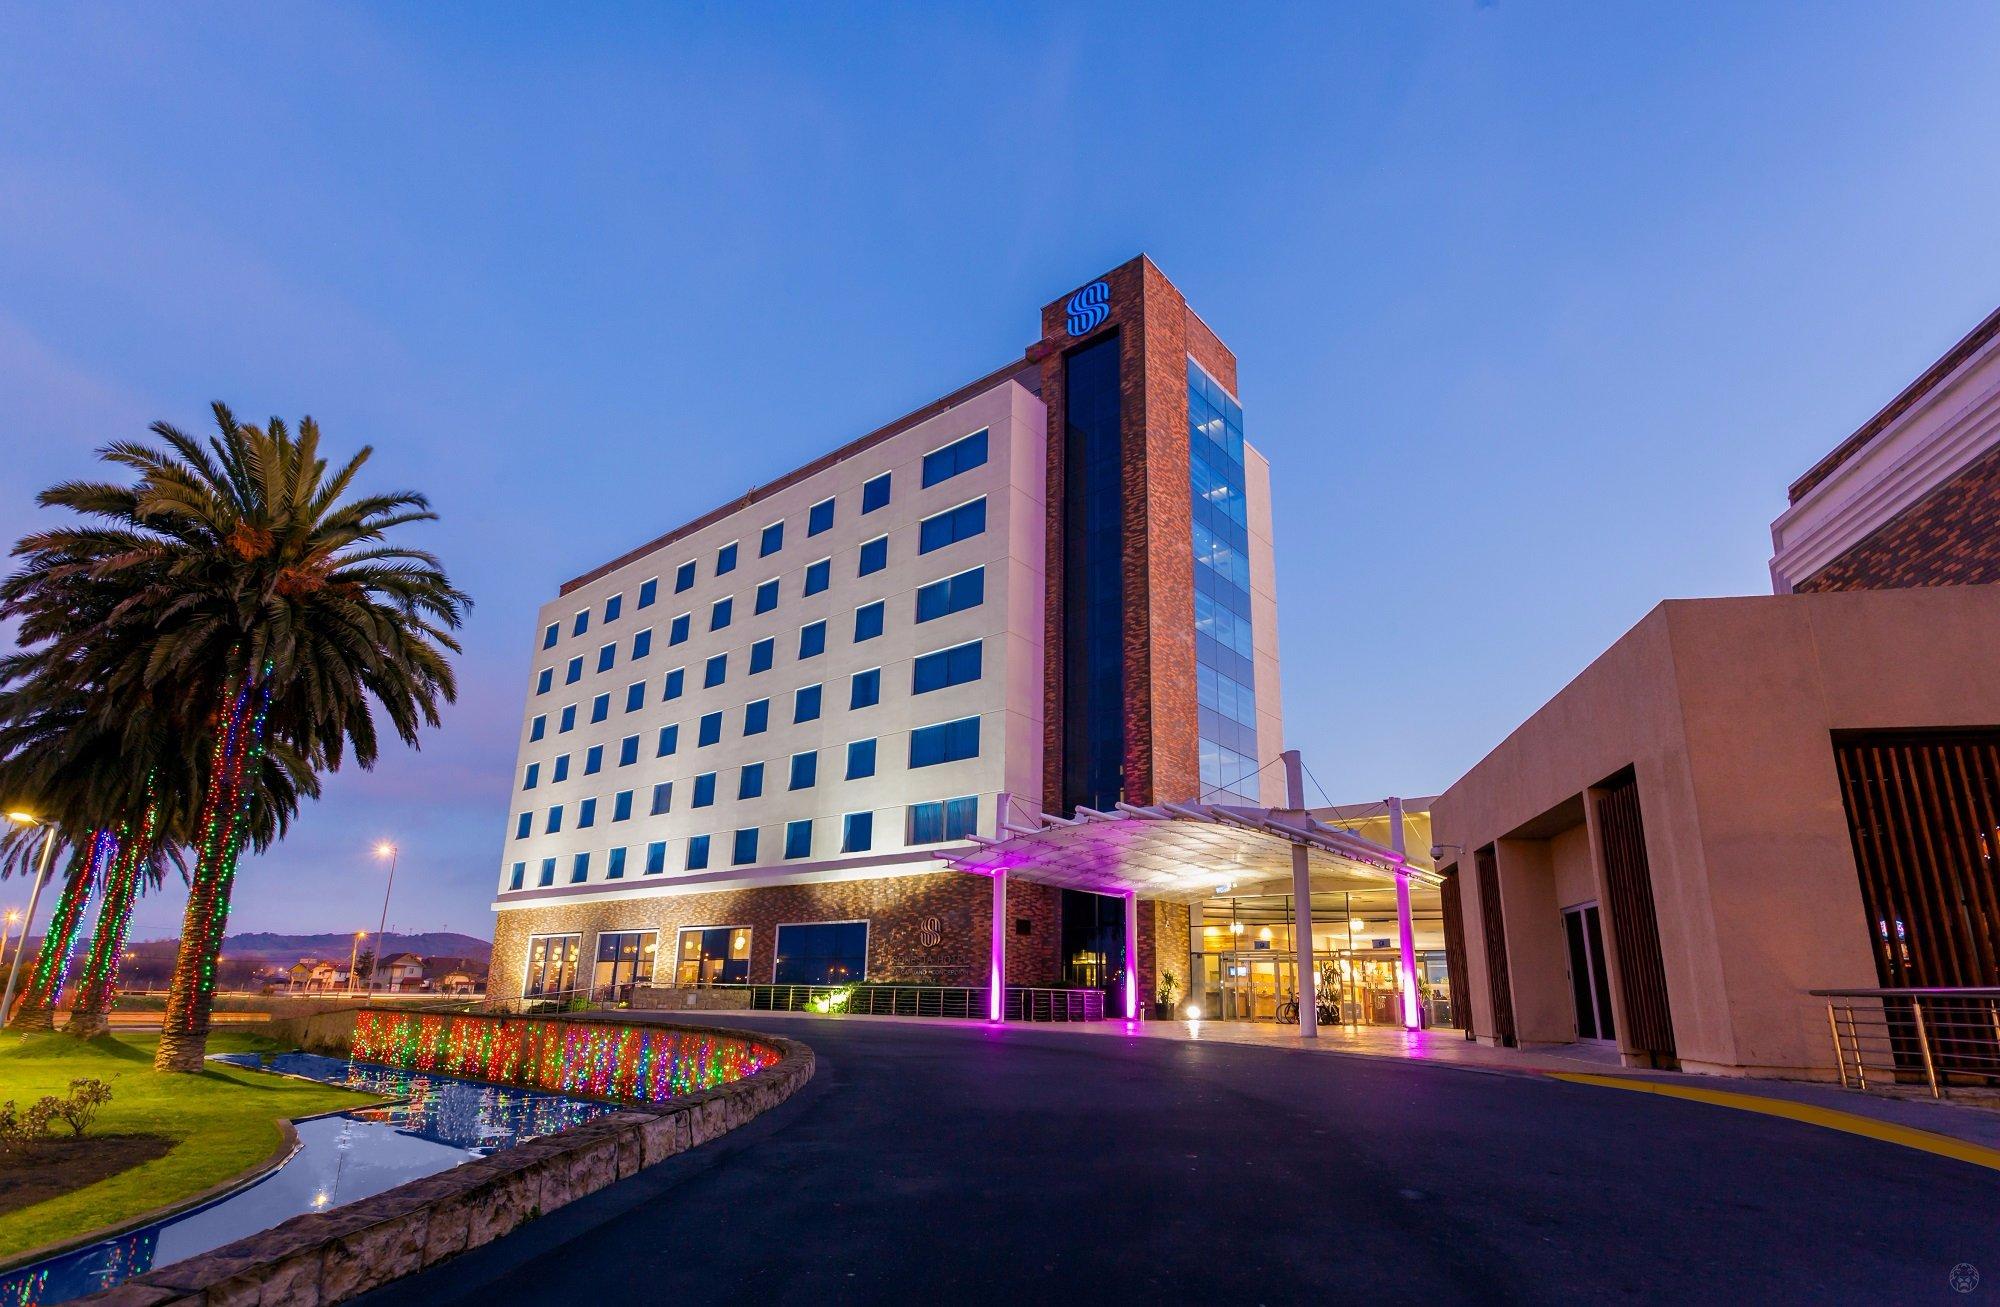 Sonesta Hotel Concepcion